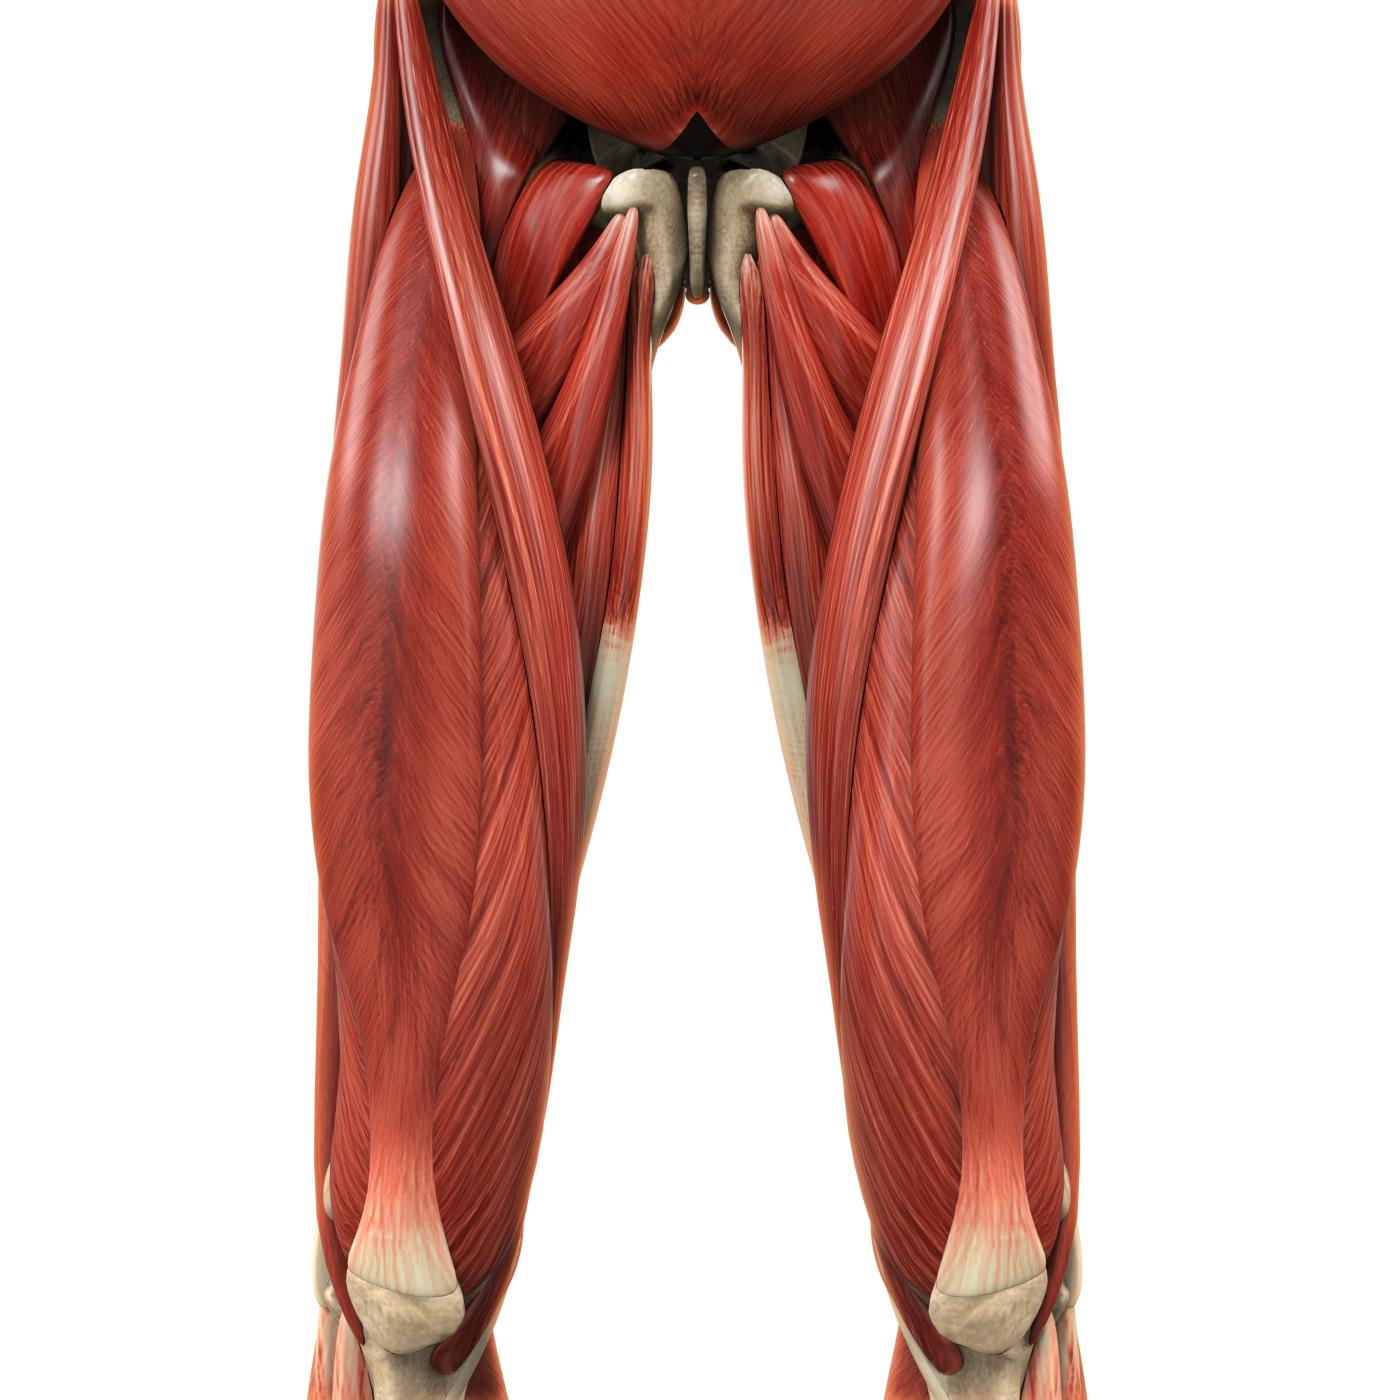 Anatomija mišića natkoljenice